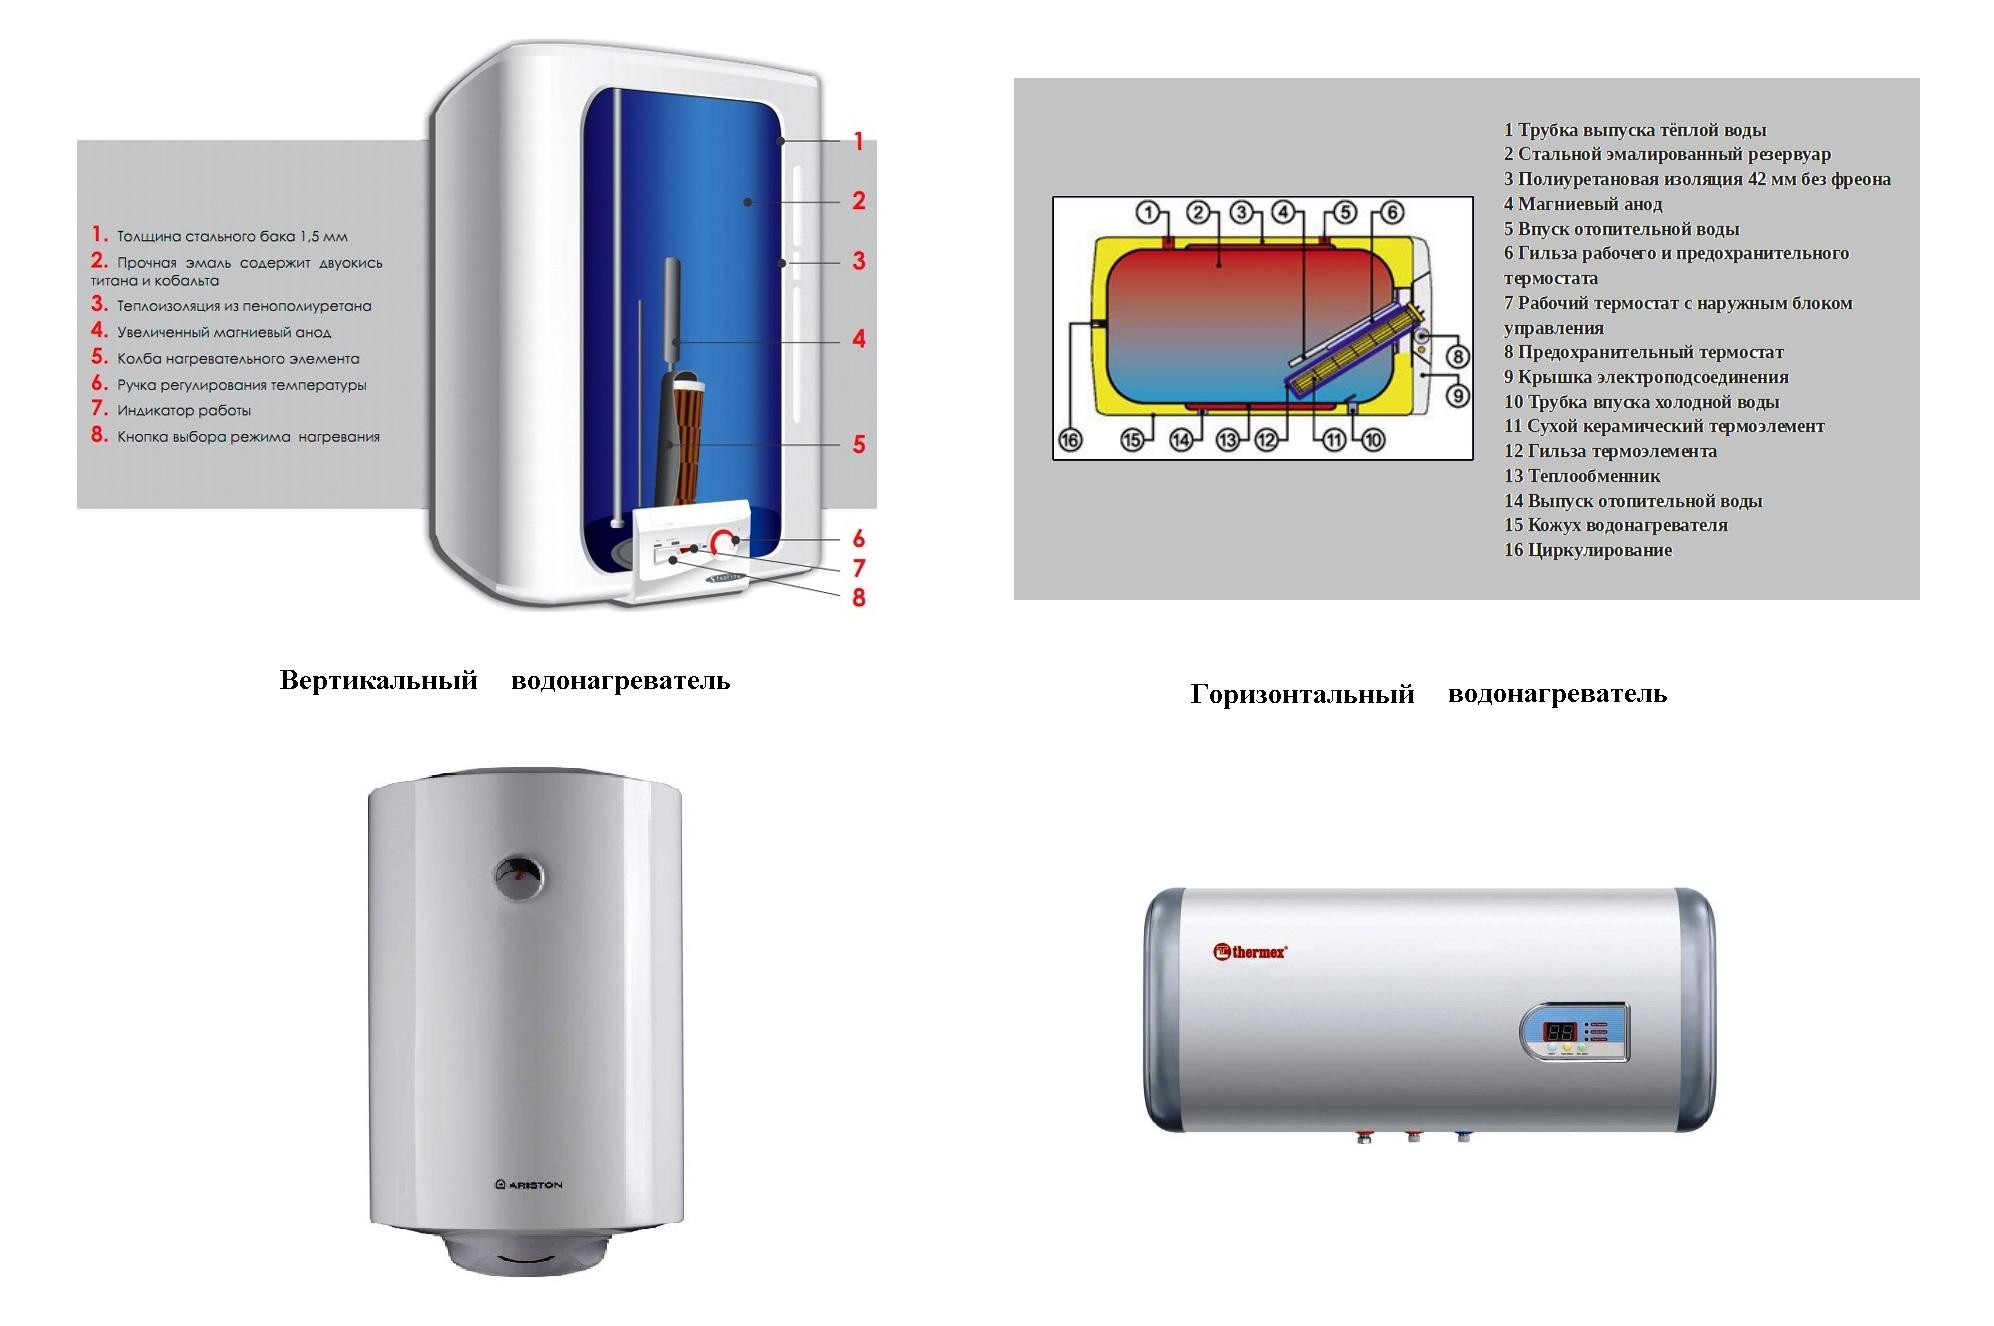 Безопасны ли водонагреватели 2